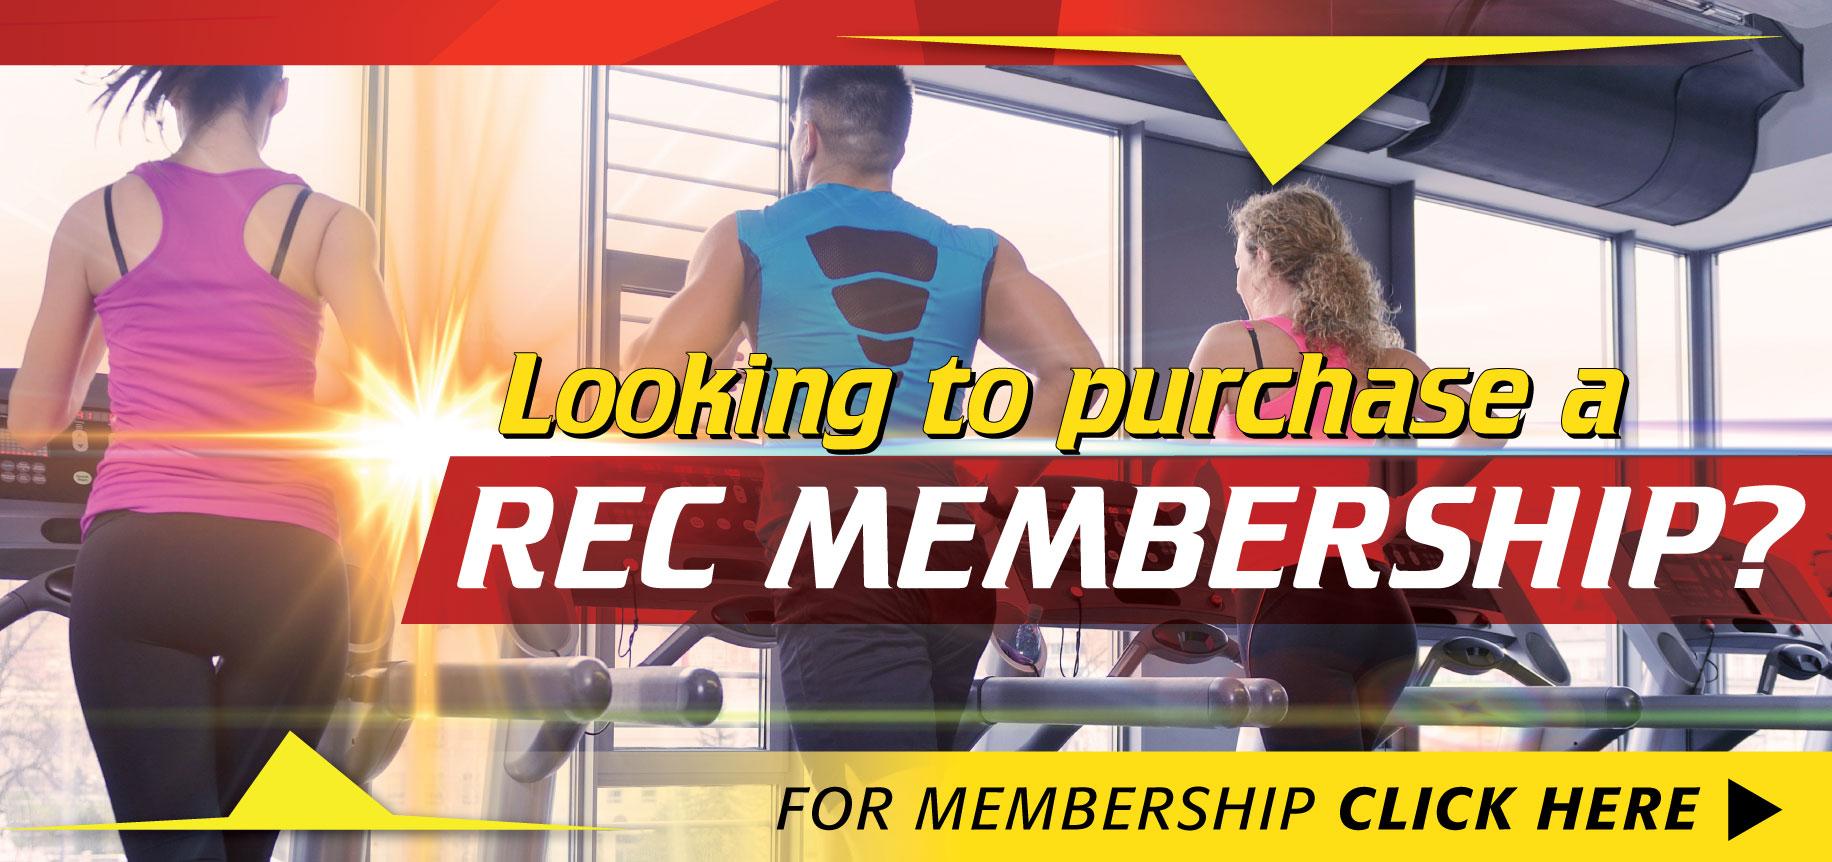 MembershipPurchases_WebBanner_S17-1